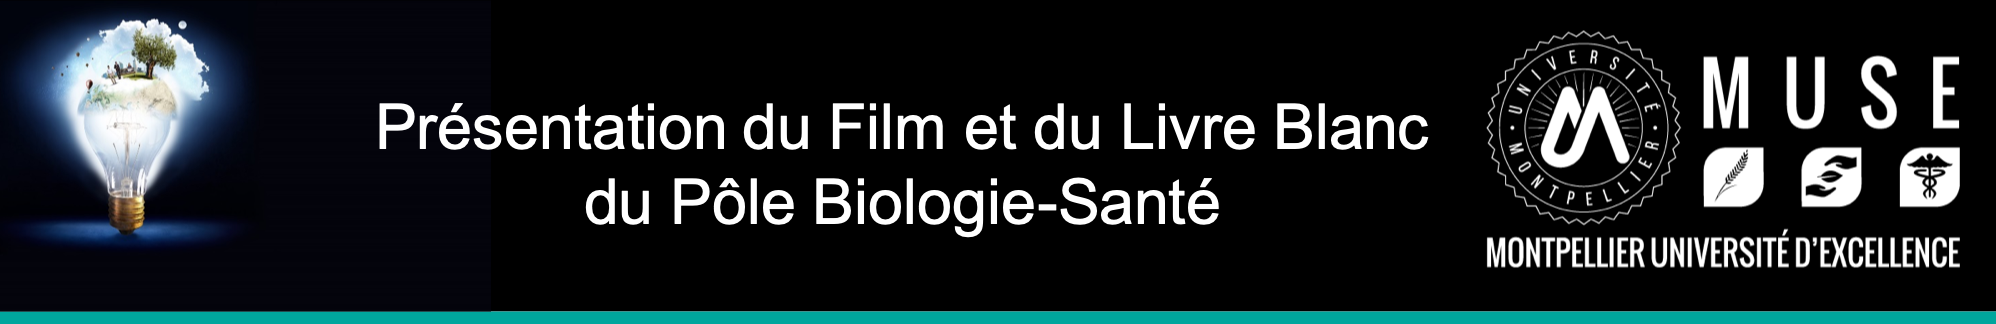 image pole biologie santé